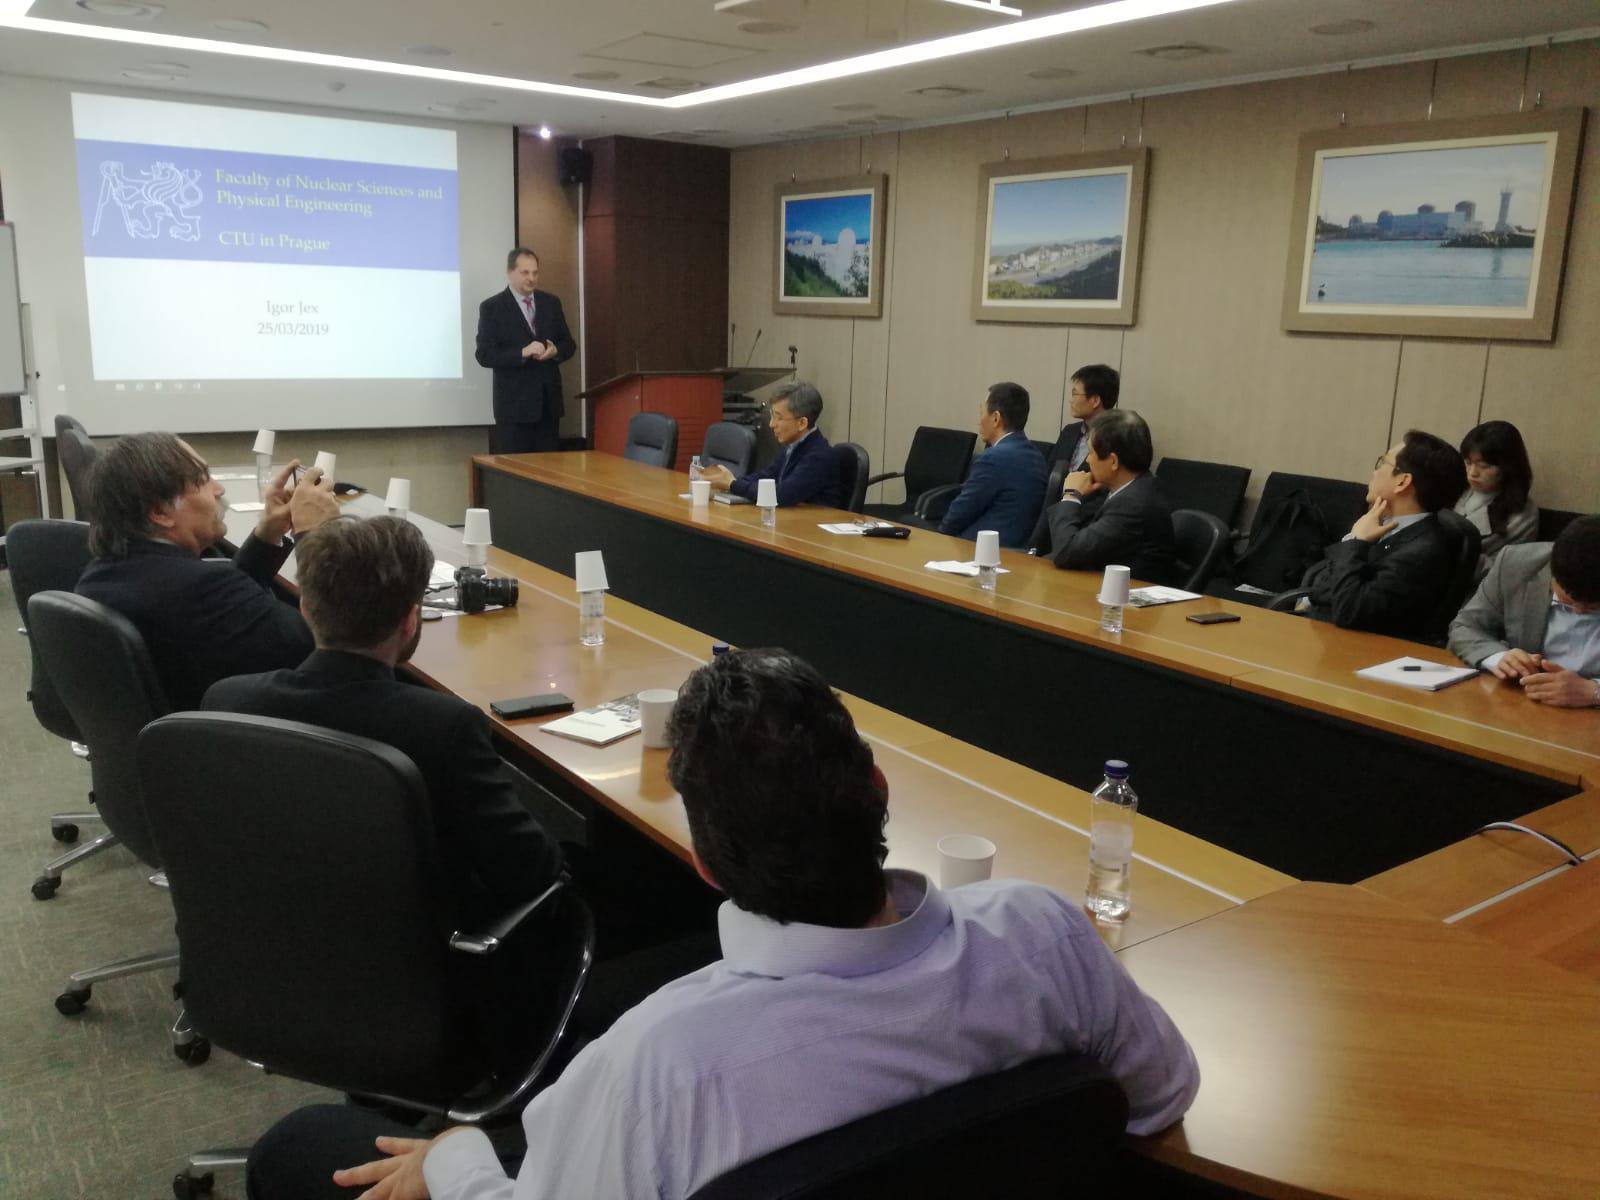 Jednání spředstaviteli university KINGS o možnostech spolupráce při výchově jaderných odborníků (fotograf KHNP).